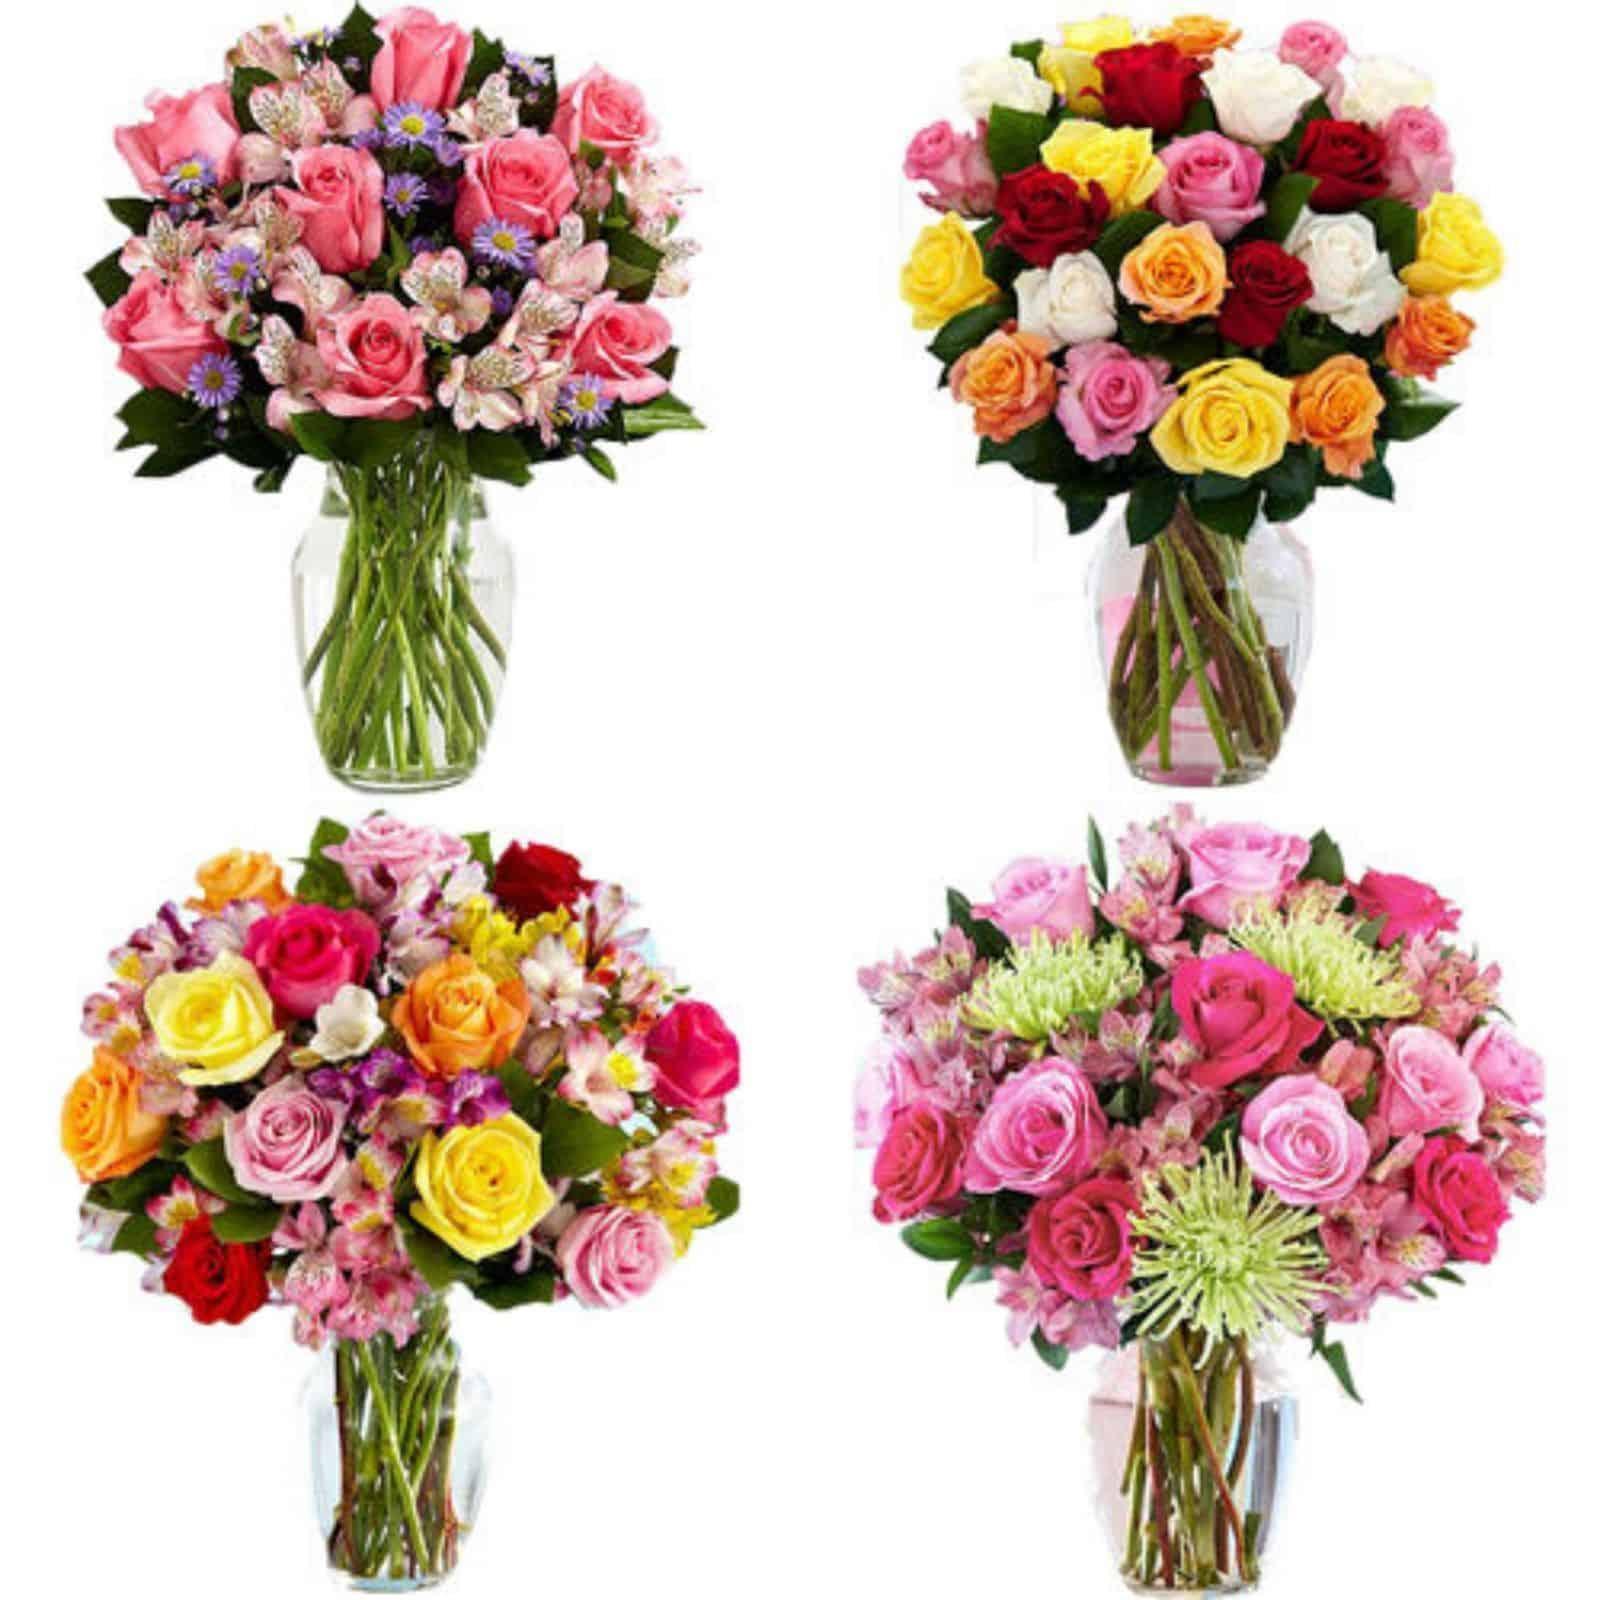 Blumen verschicken USA - FloraPrima - Blumenversand USA